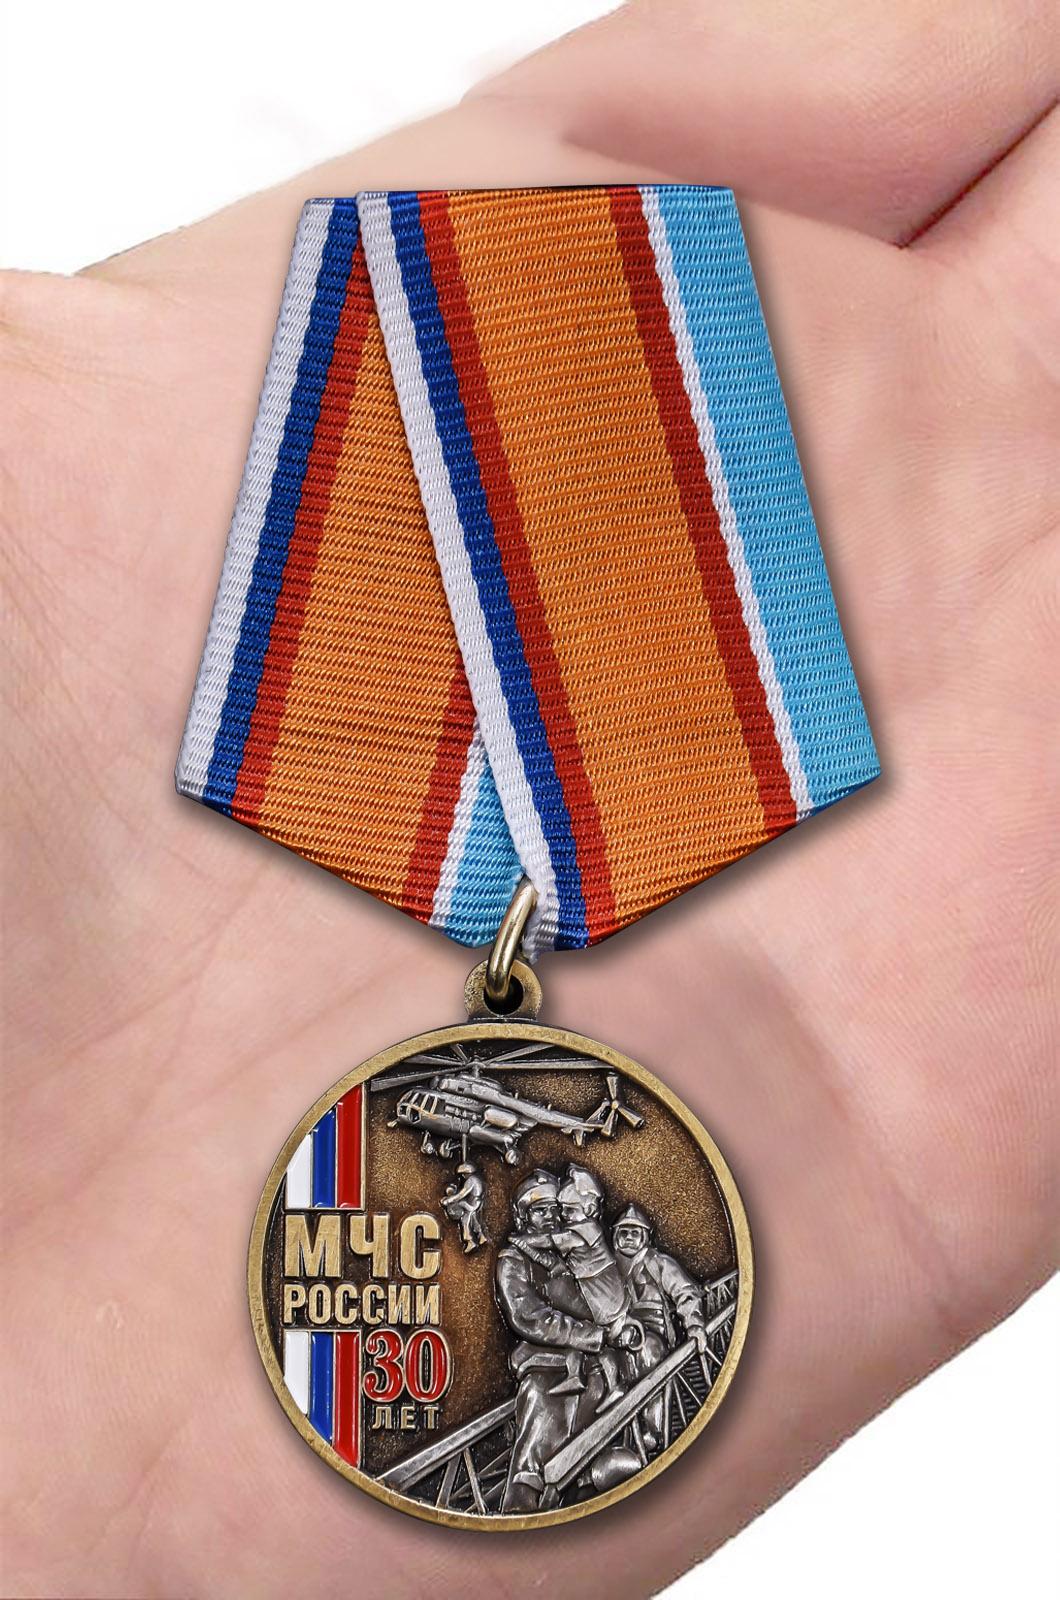 """Медаль """"30 лет МЧС России"""" по лучшей цене"""